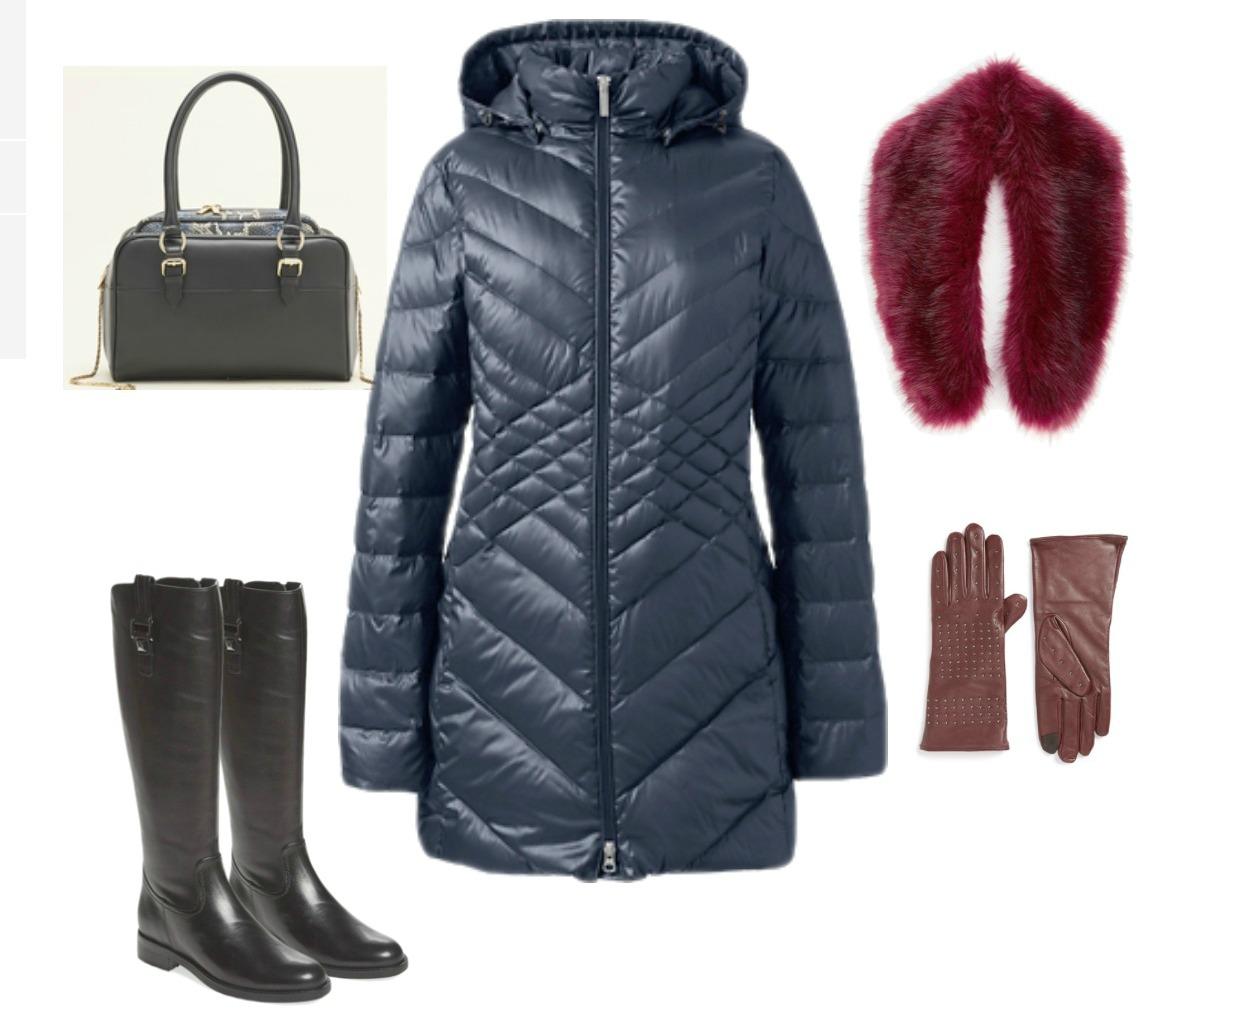 puffa-coat-accessories